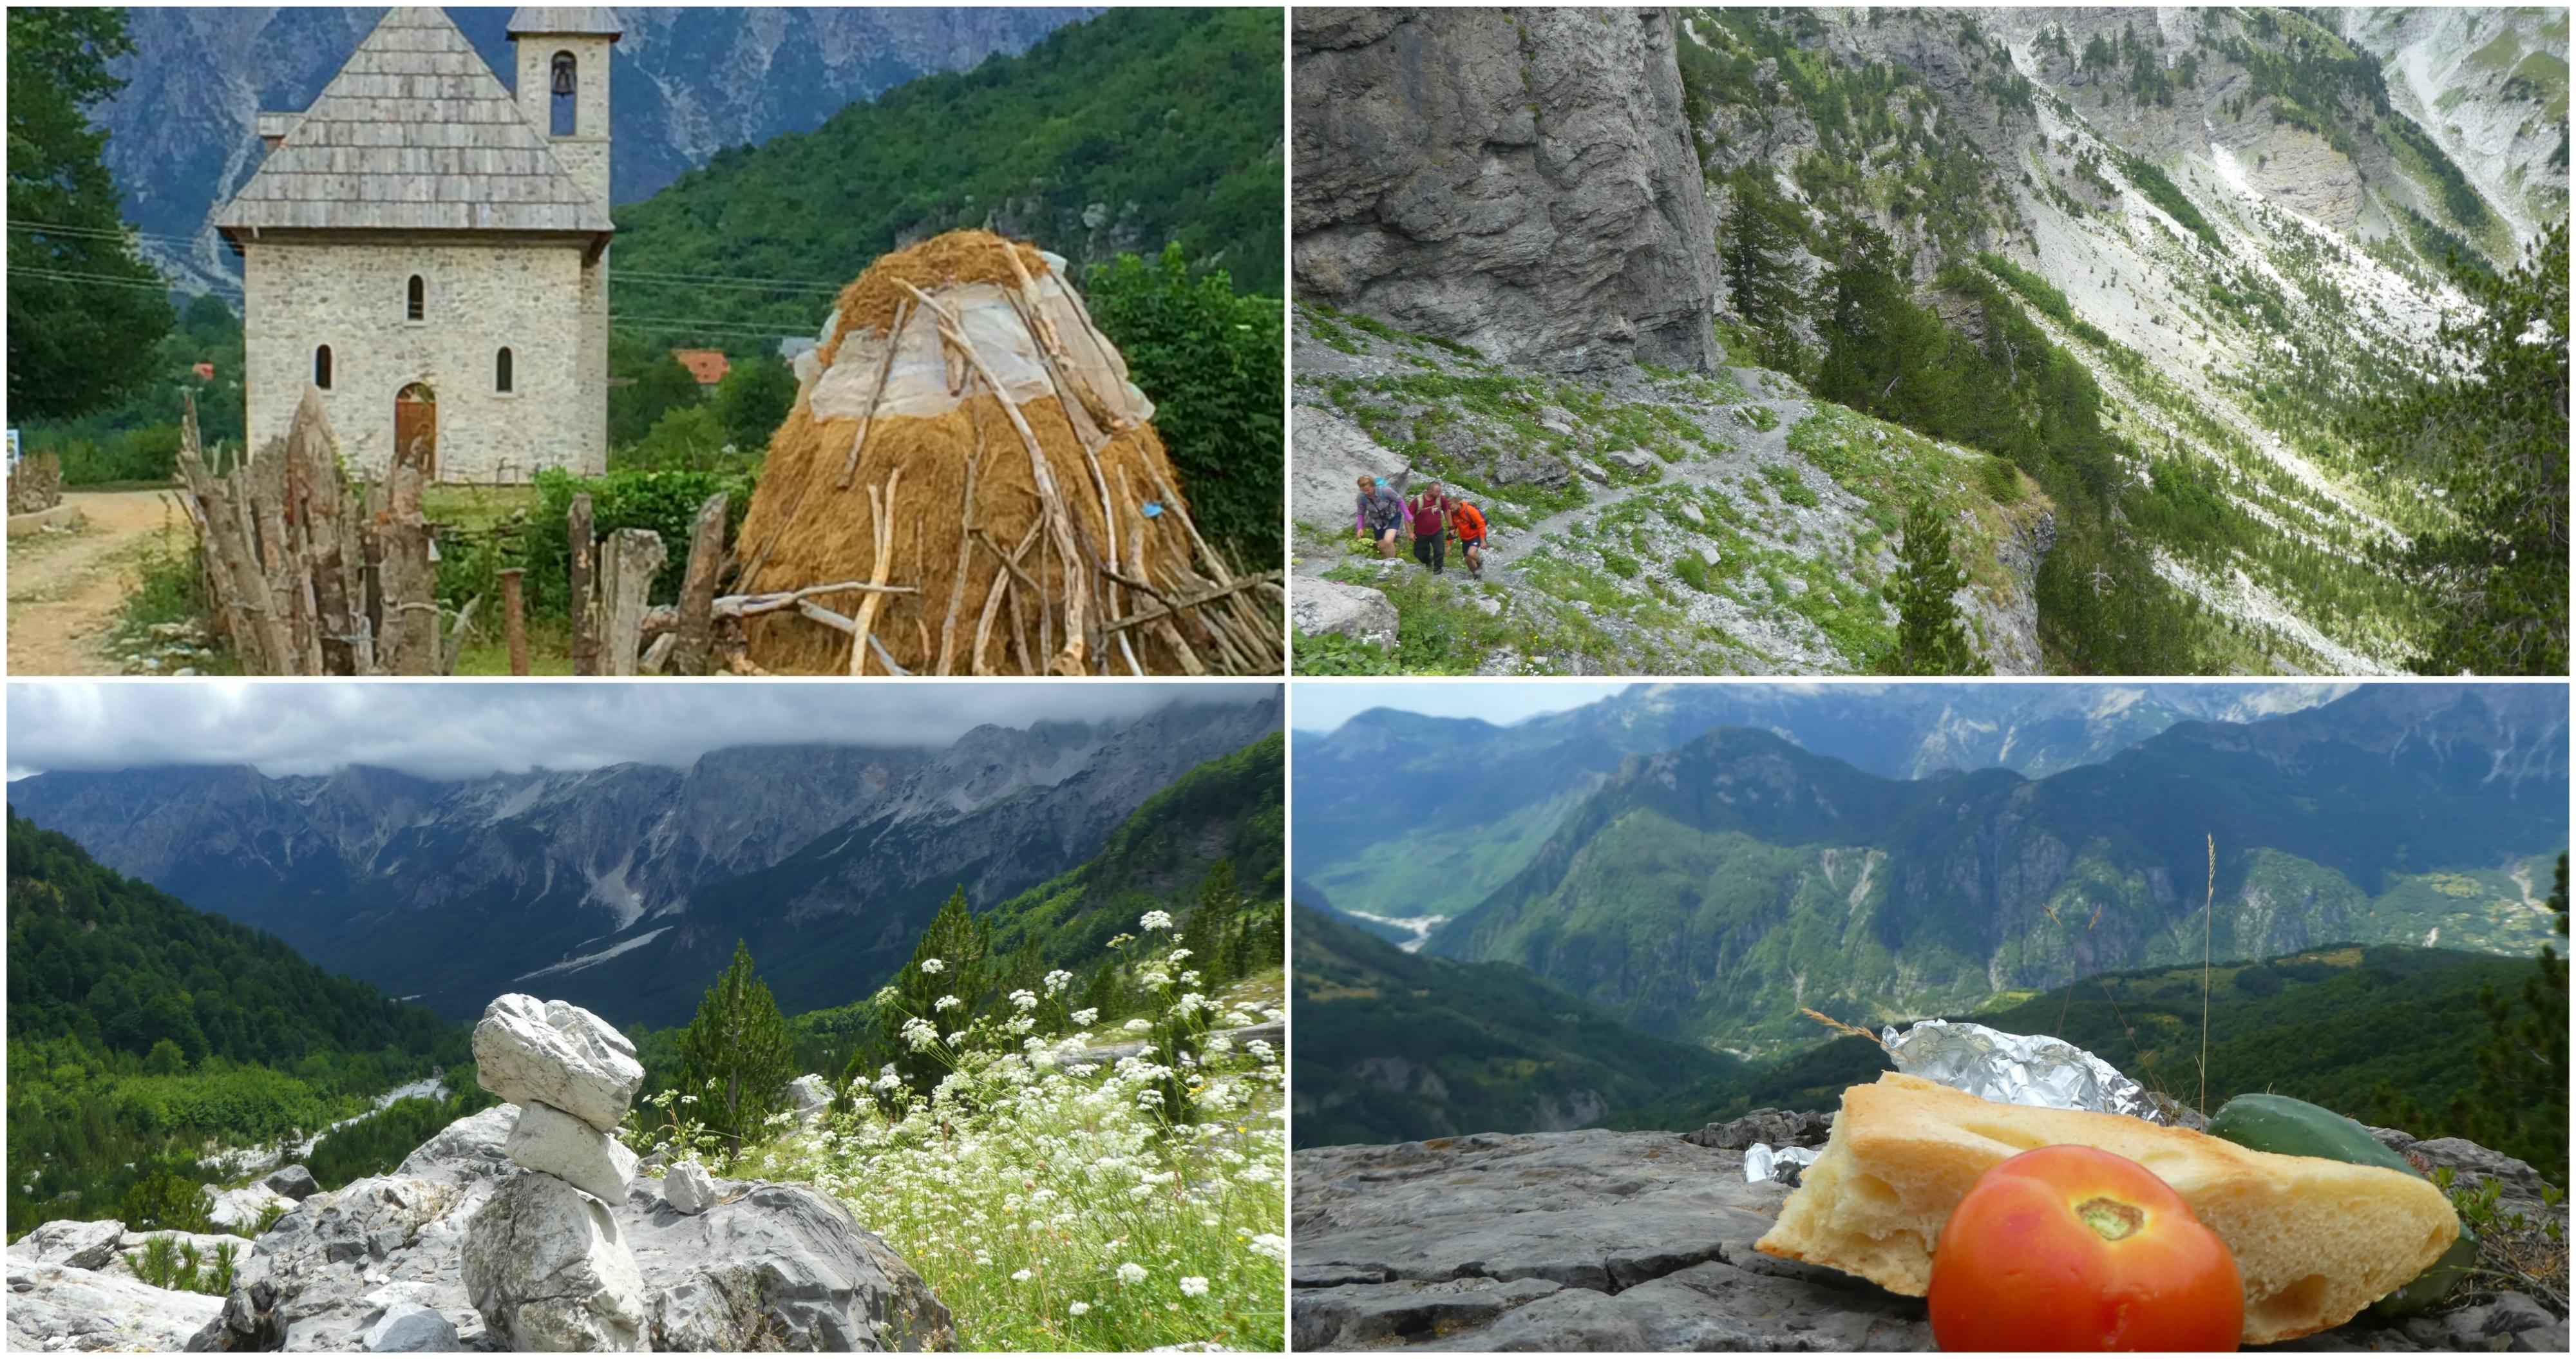 Vår vandring från Valbona till Theth i Albanska Alperna 53a92b6839c90